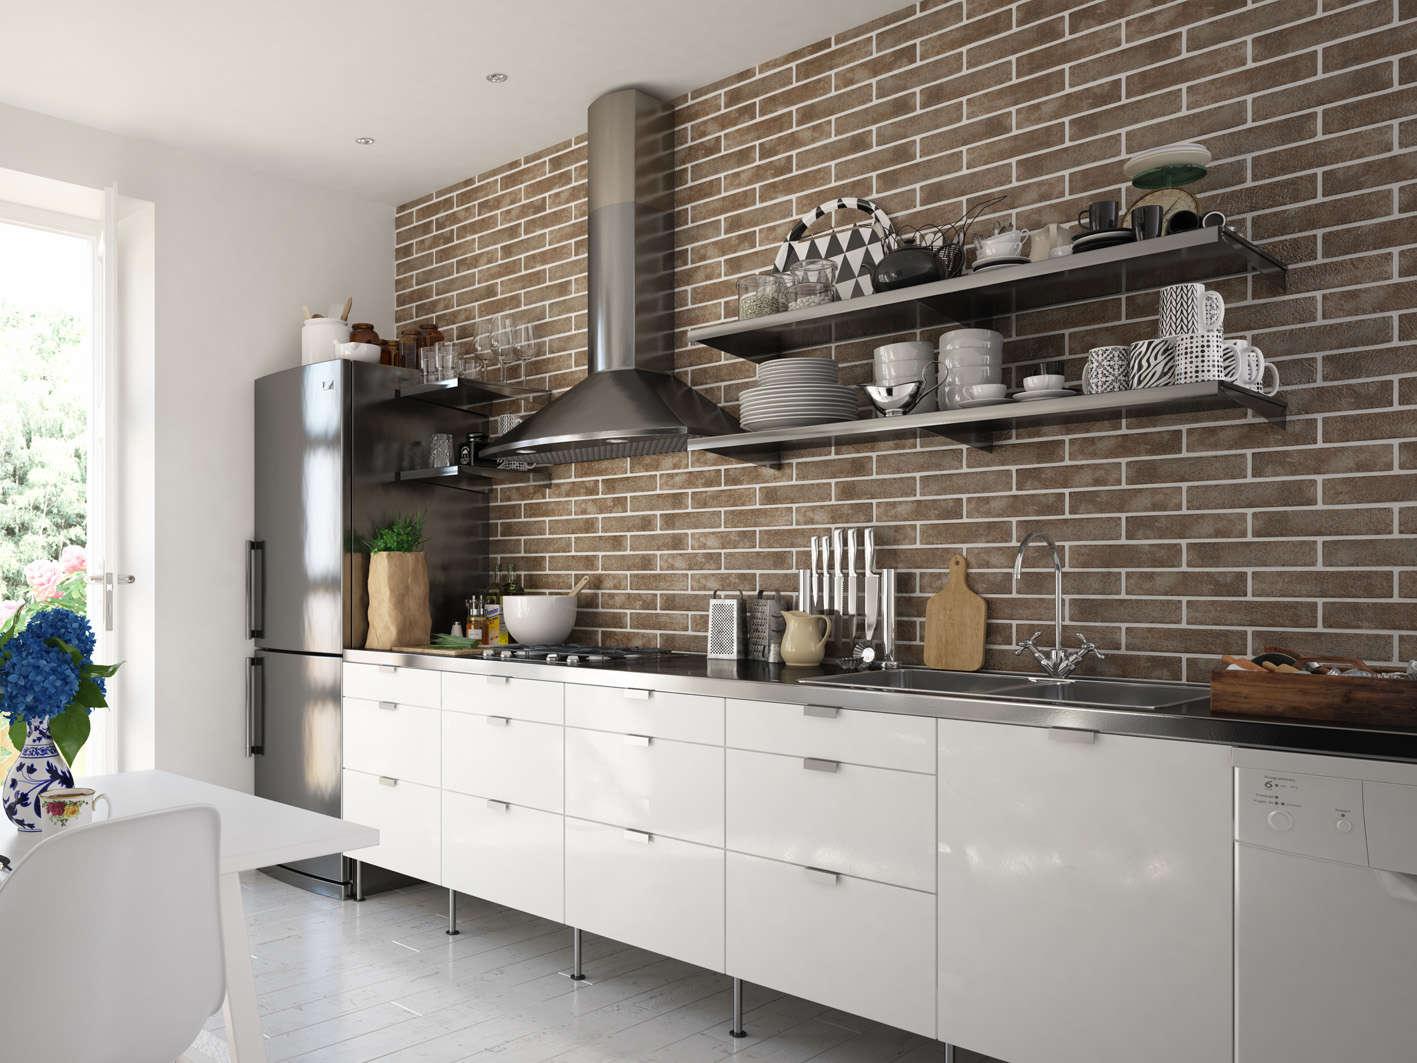 керамическая кухне фото на плитка под кирпич